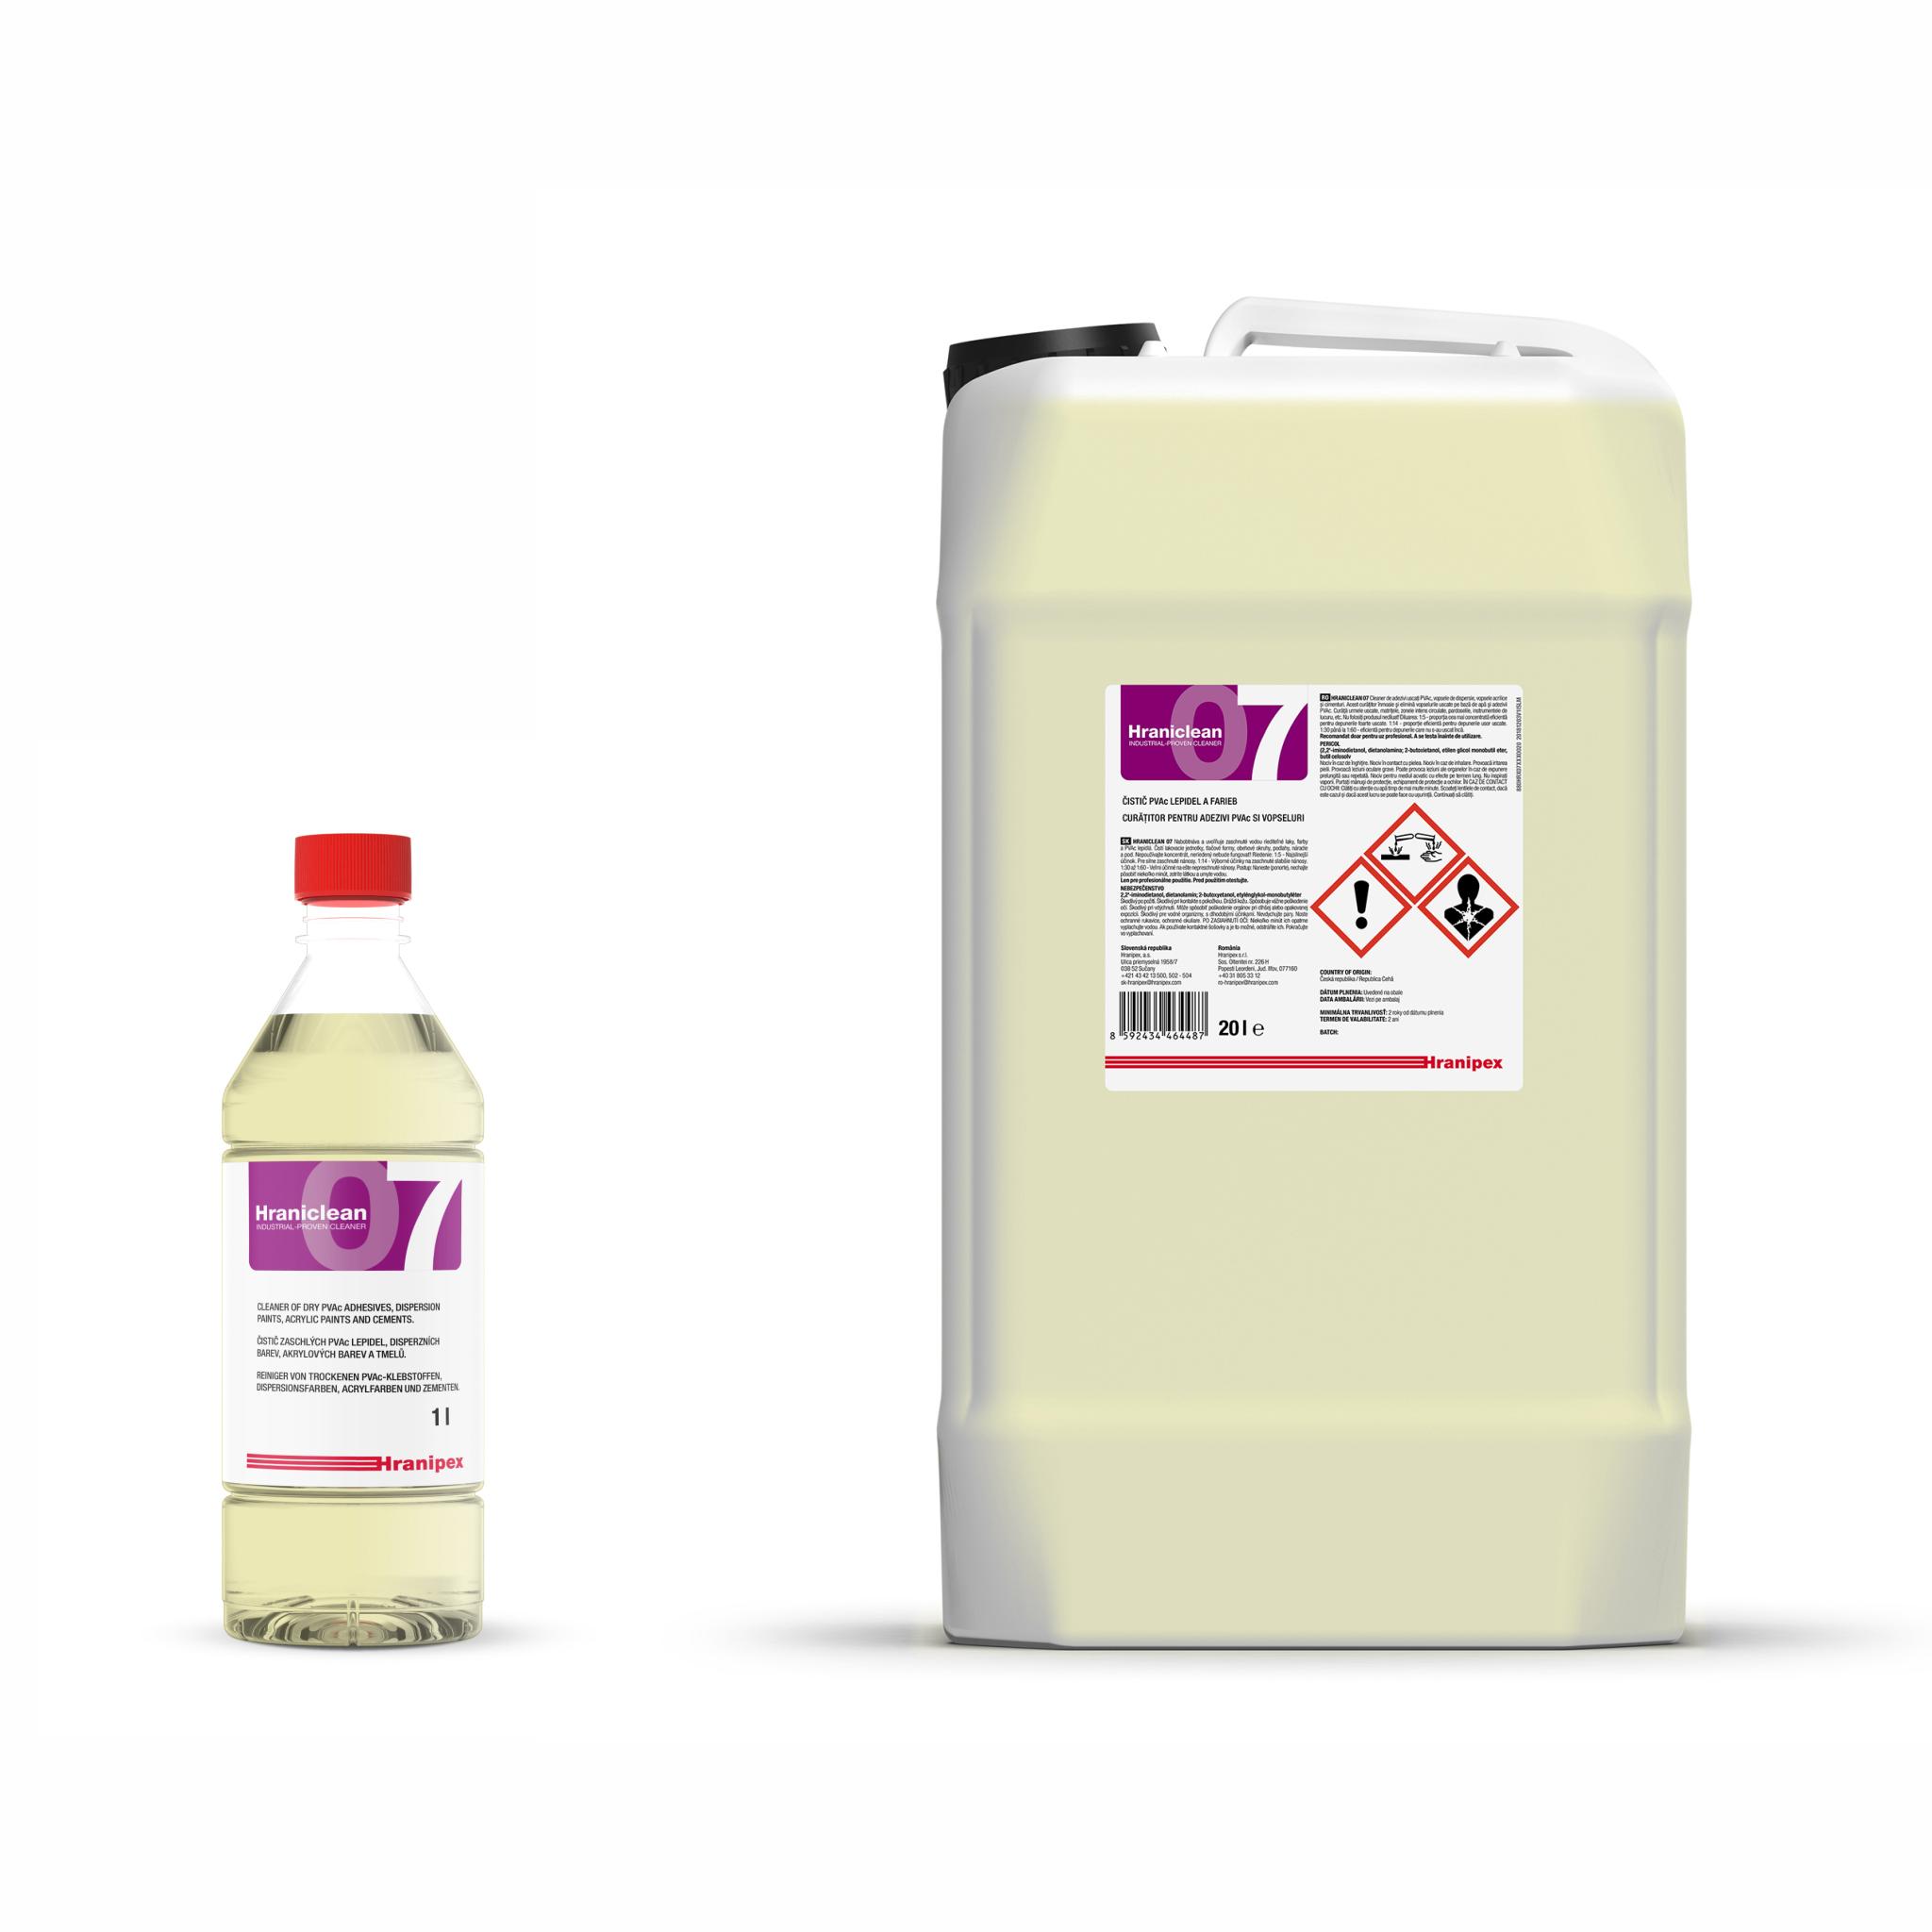 HRANICLEAN 07 Agente limpiador concentrado de adhesivo PVAc y pinturas.